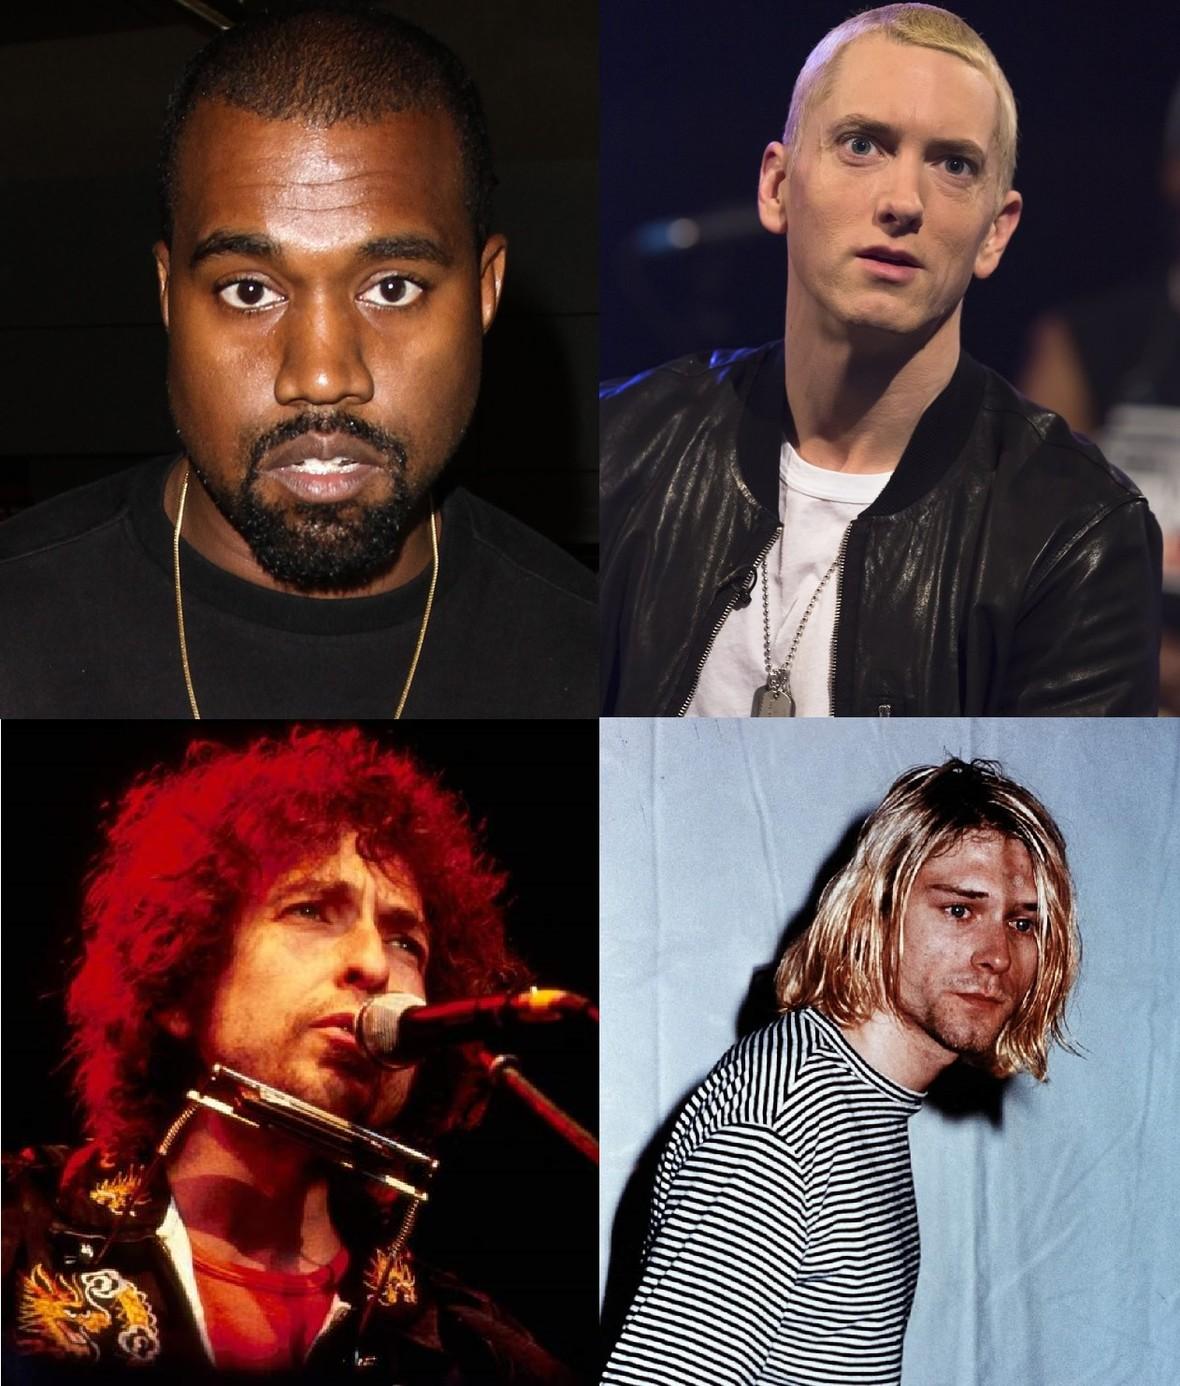 Dylan i Cobain znają mniej słów niż Kanye West i Eminem?